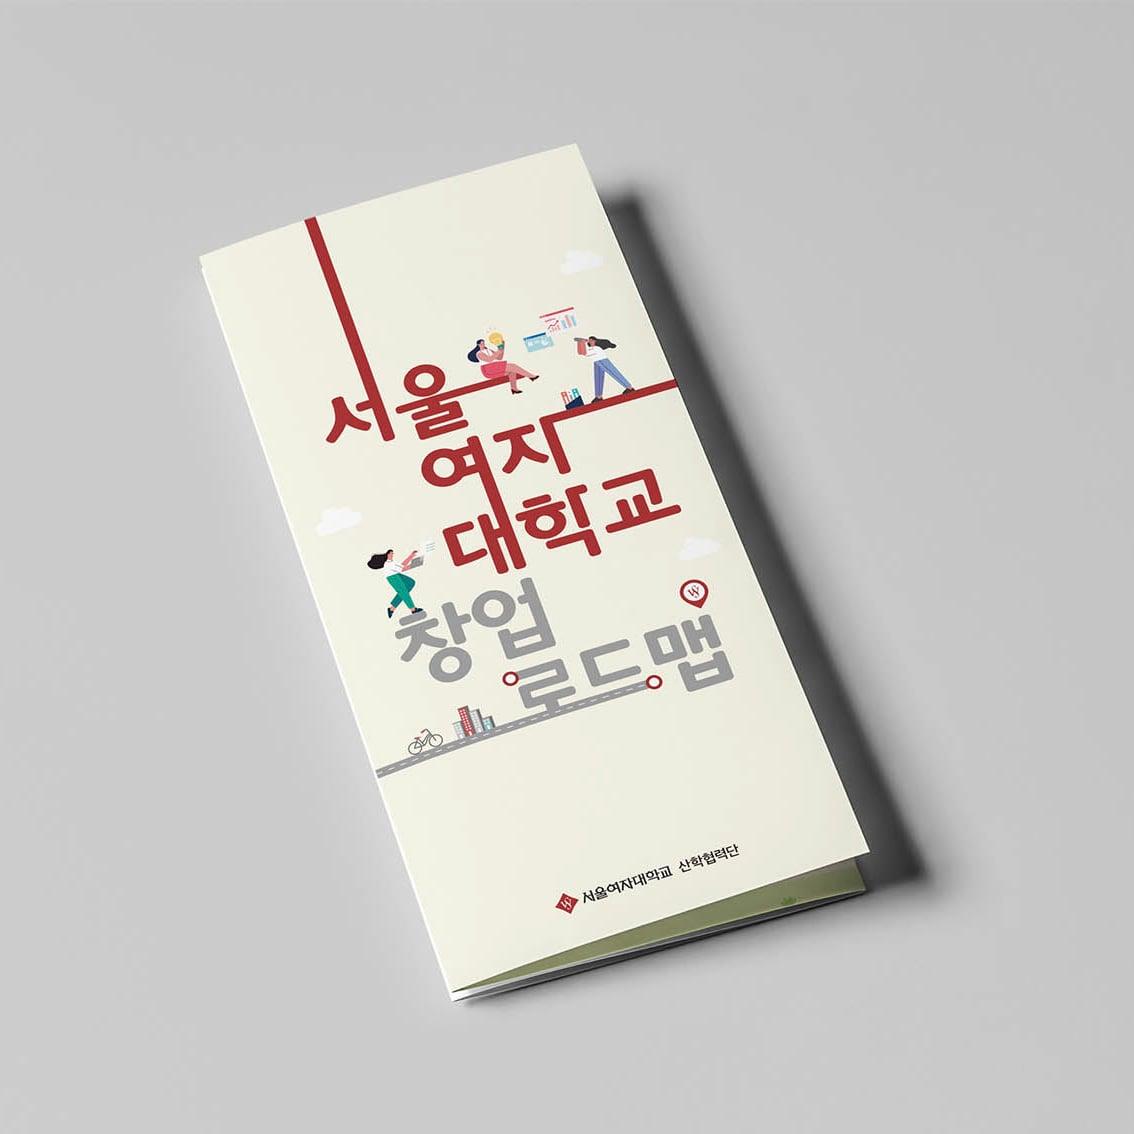 서울여자대학교 창업로드맵 리플렛 디자인 시안 - 서울여자대학교